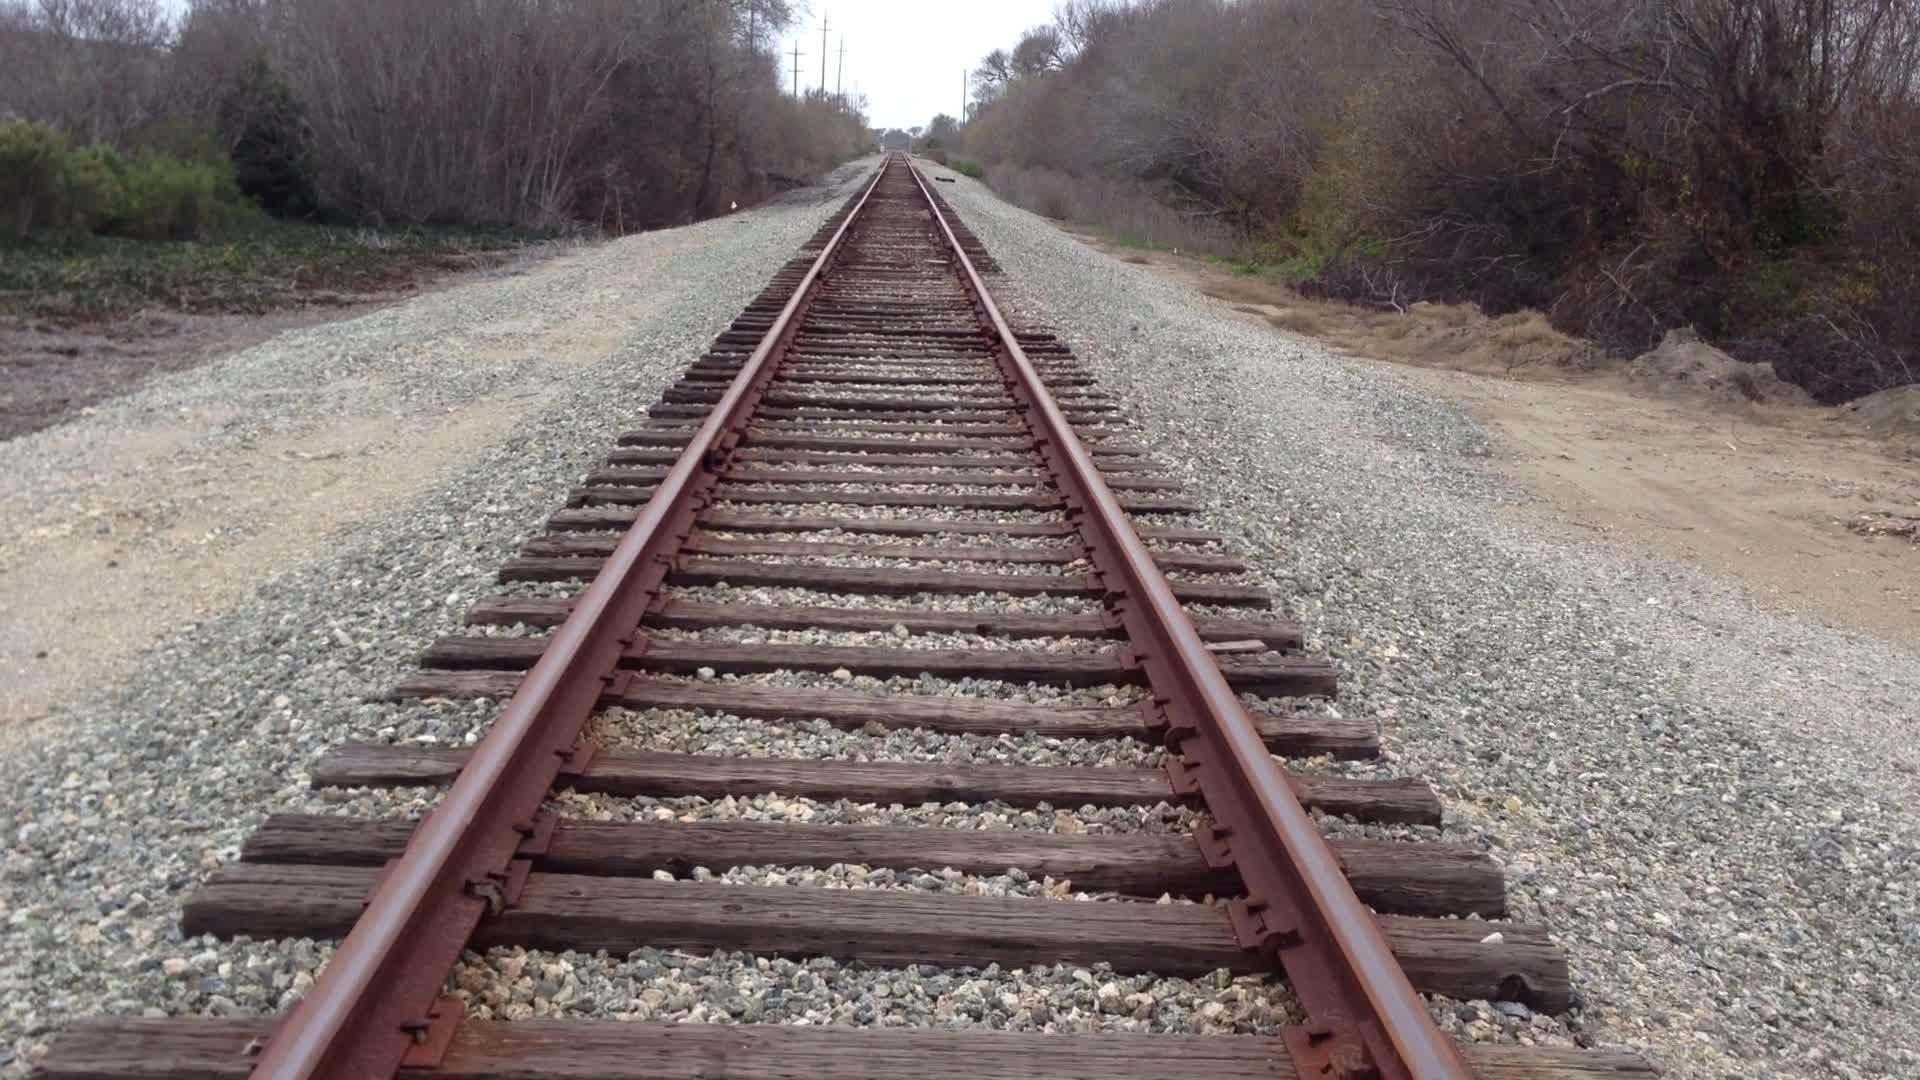 train track க்கான பட முடிவு